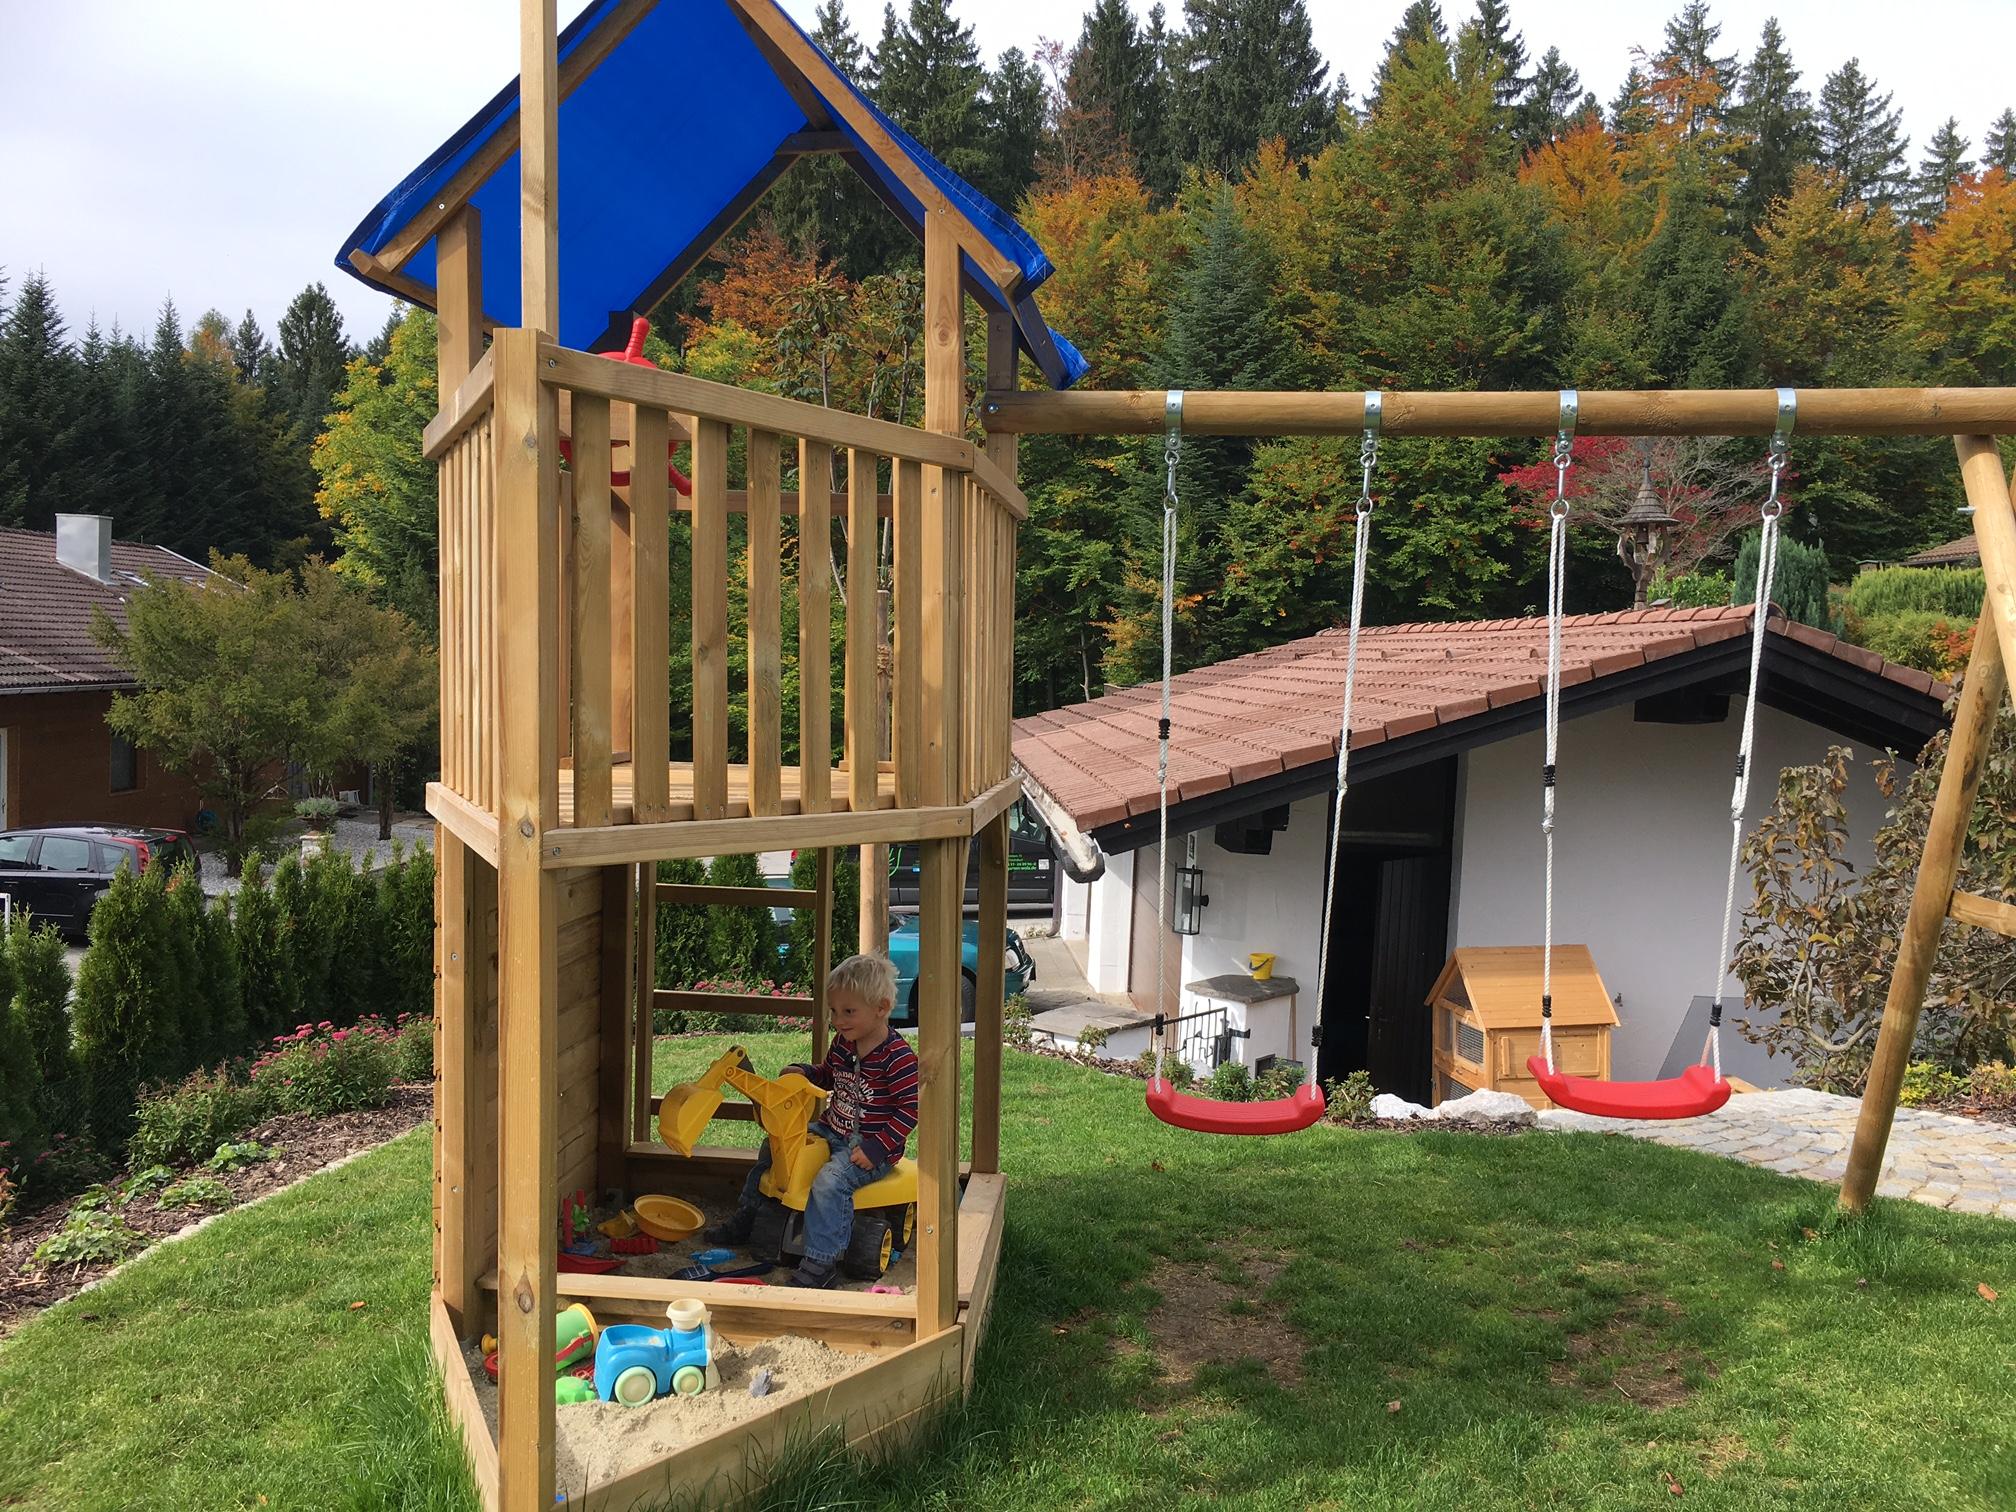 Spielplatz im eigenen Garten